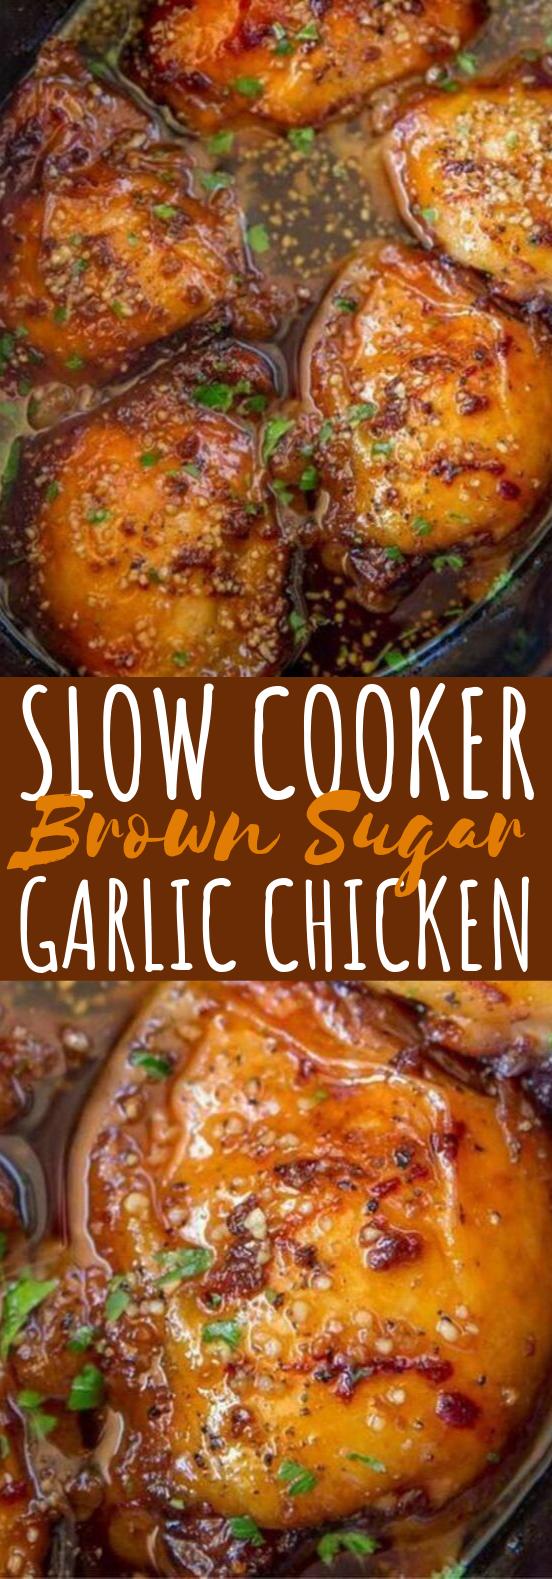 Slow Cooker Brown Sugar Garlic Chicken #chicken #dinner